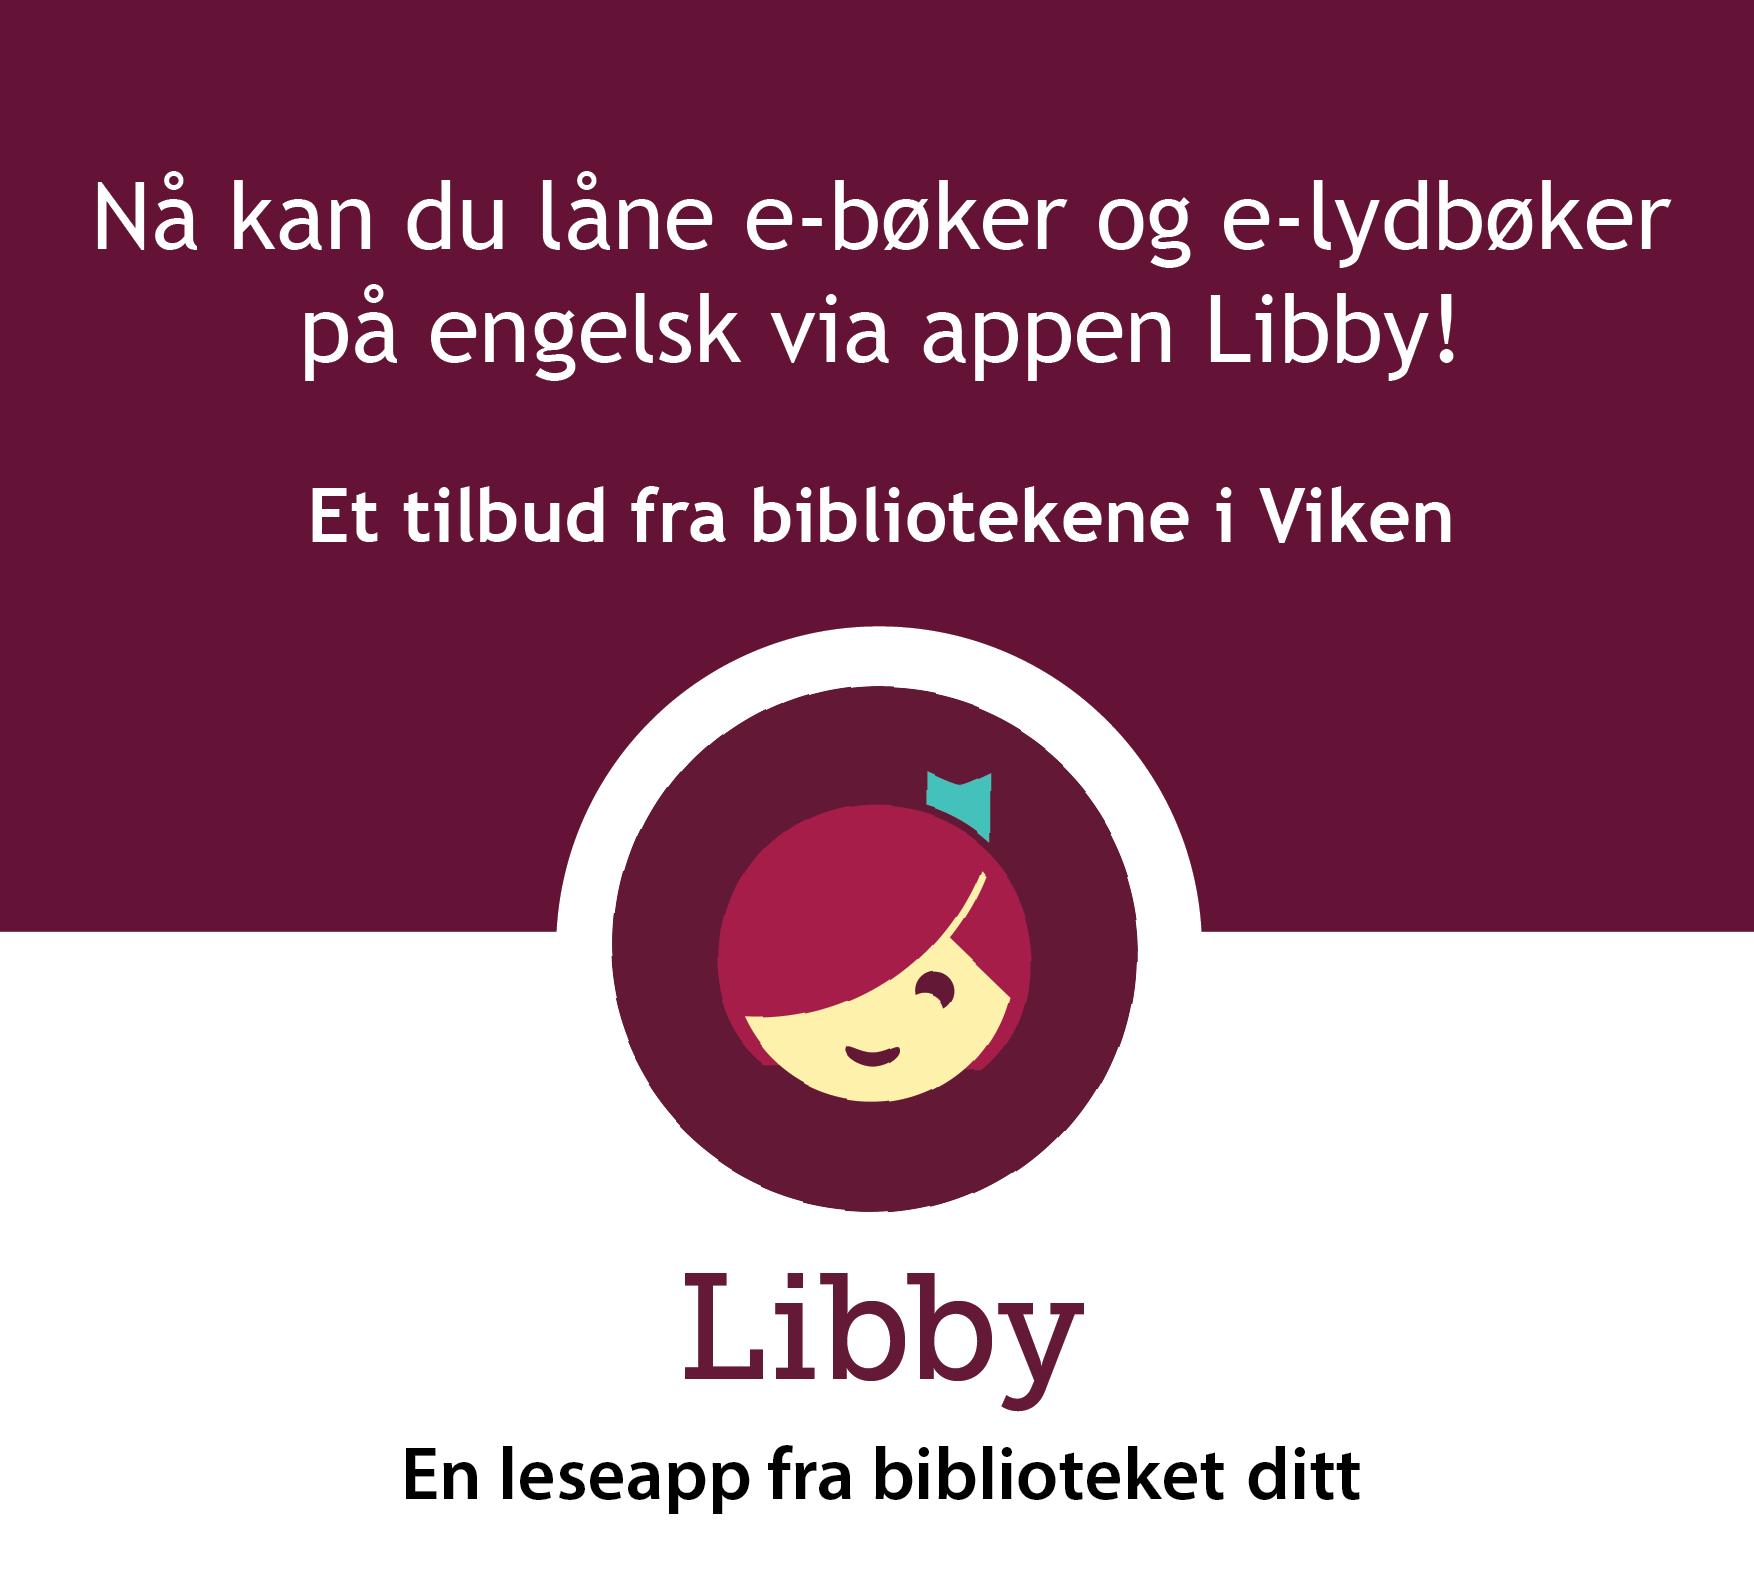 Libby - engelske e-bøker og e-lydbøker